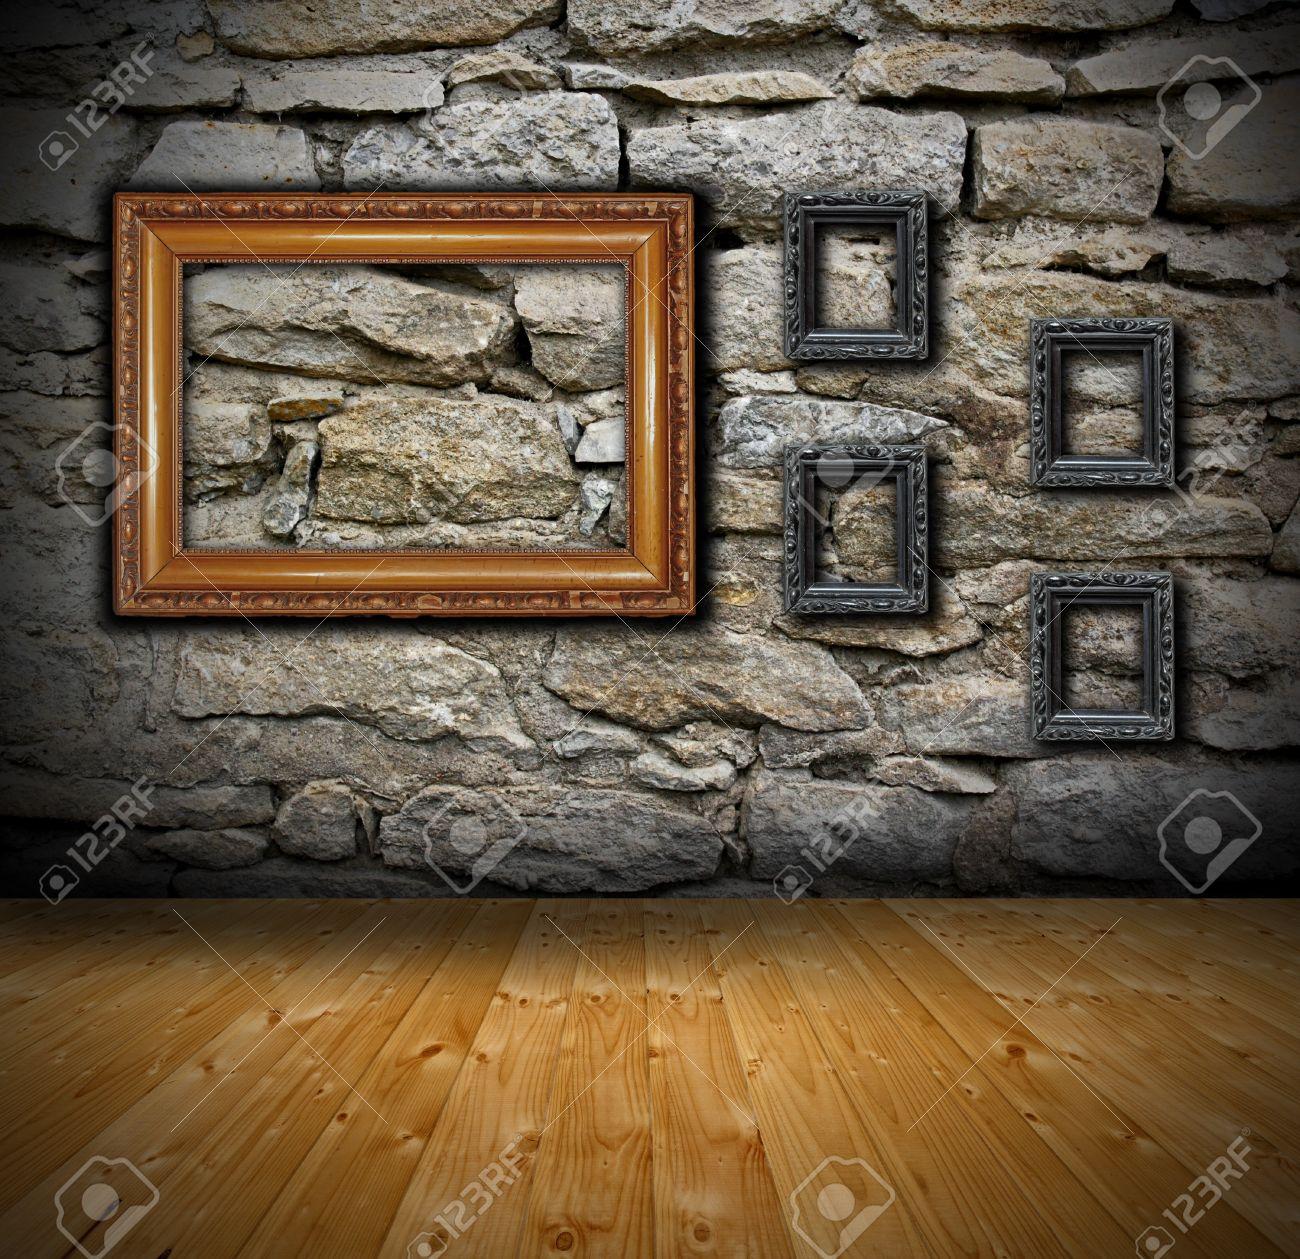 Décor Intérieur Avec Mur De Pierre Et Parquet Quelques Anciens Peinture Cadres Vides Prêts Pour Votre Conception